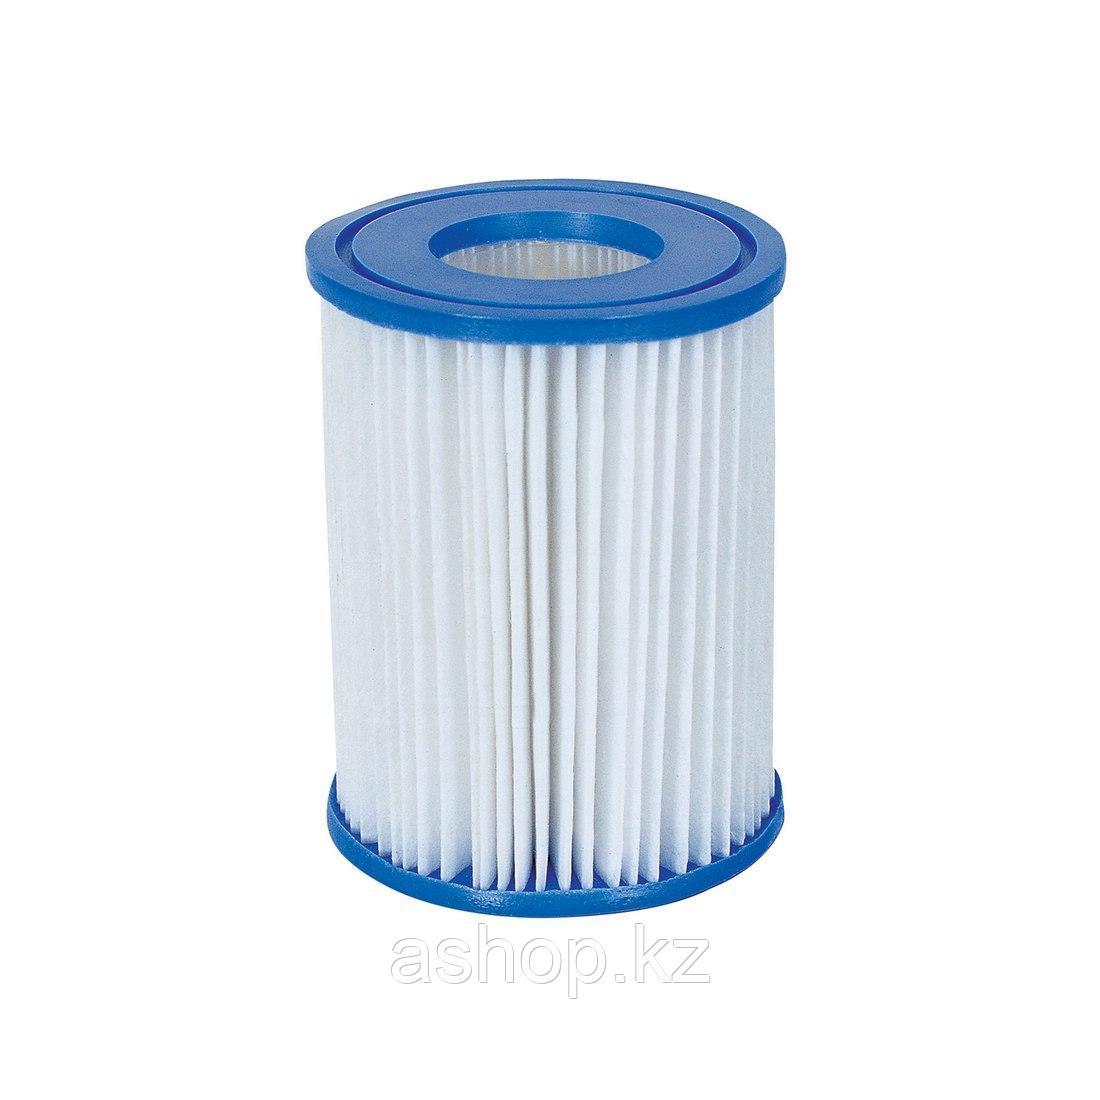 Картридж для фильтра Bestway 58094, Цвет: Бело-синий